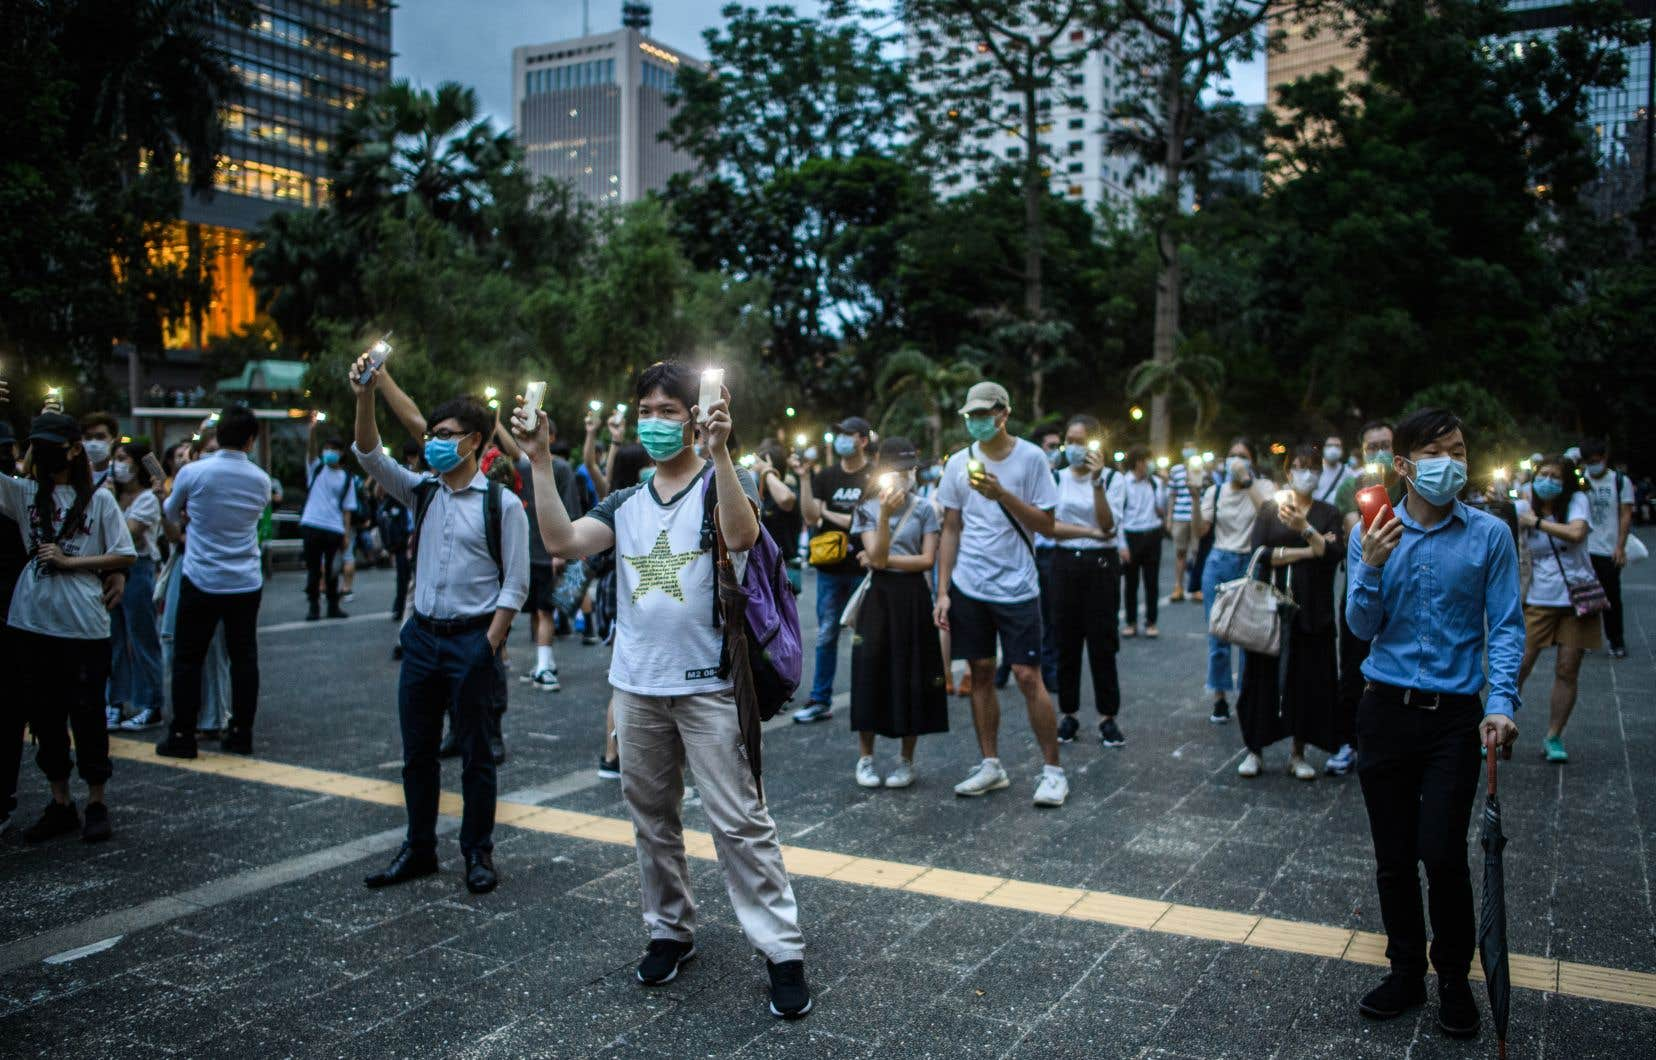 Des milliers de personnes ont pris la rue malgré l'interdiction de manifester à Hong Kong pour souligner le premier anniversaire du mouvement de contestation.